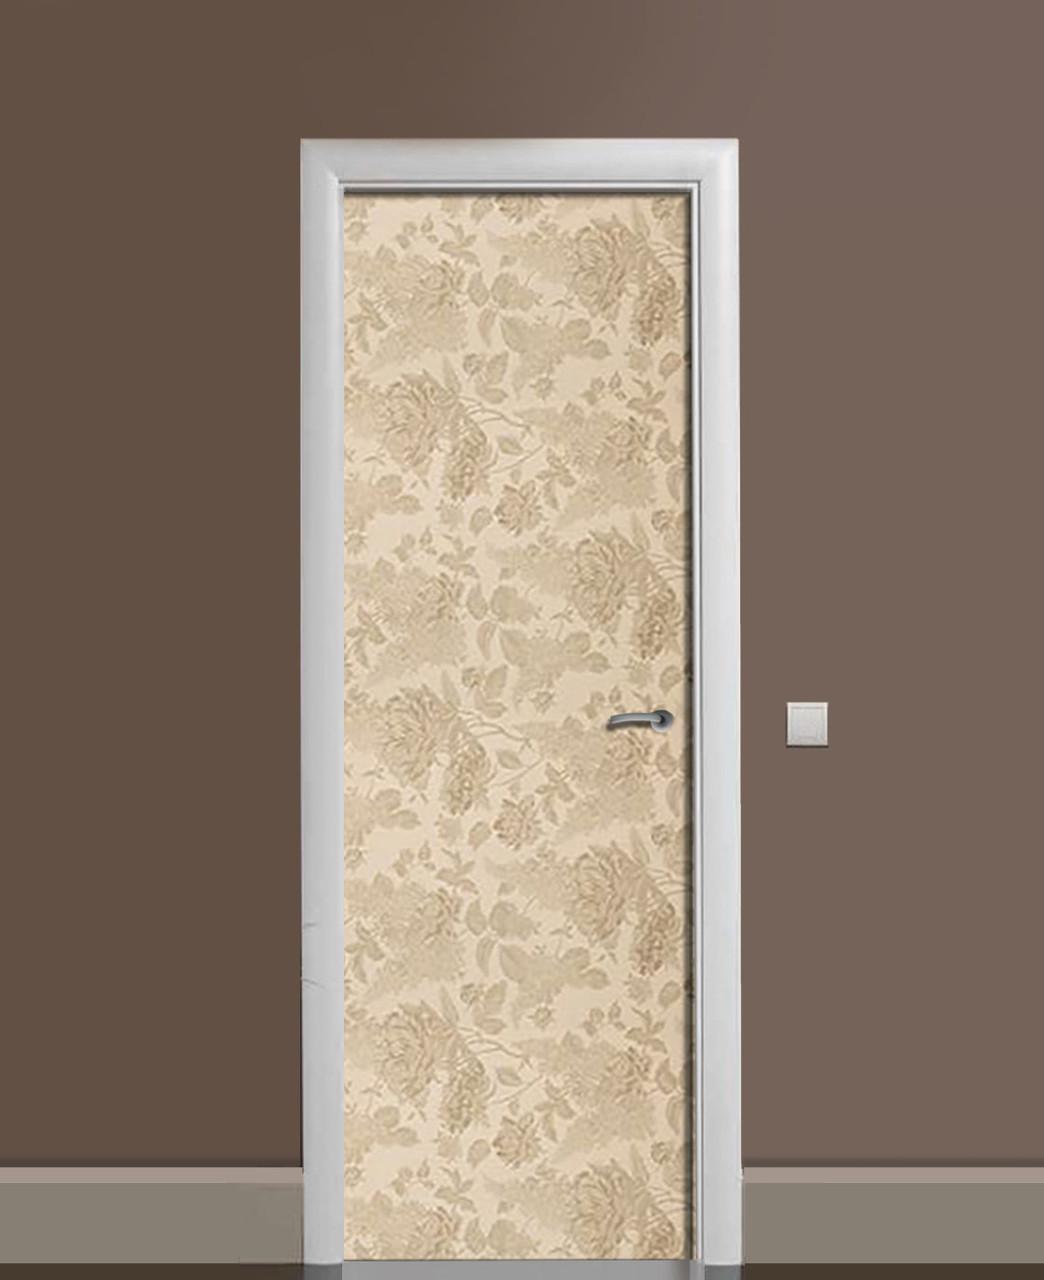 Декоративная наклейка на двери Песочная клумба Розы ПВХ пленка с ламинацией 65*200см Абстракция Бежевый